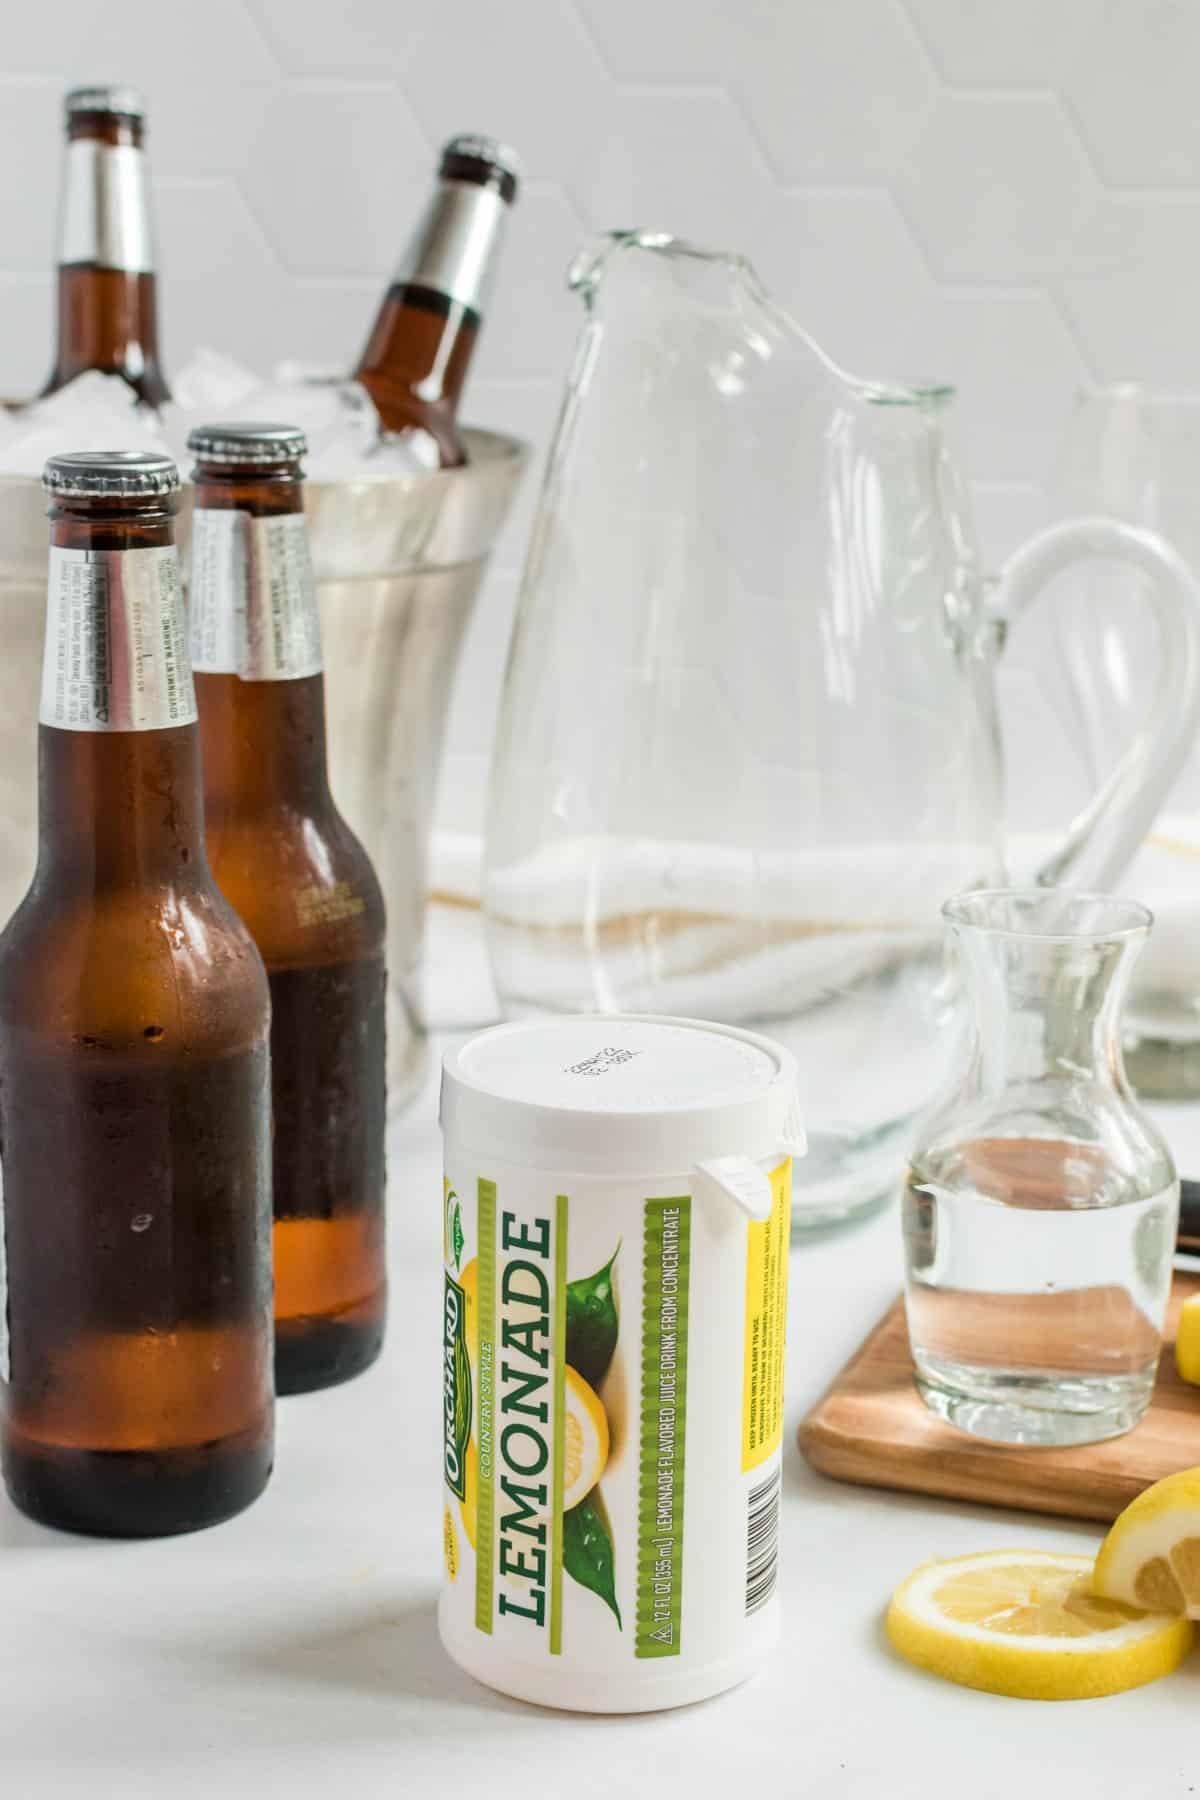 Ingredients needed for lemonade beer including beer, lemonade, and cherry rum.